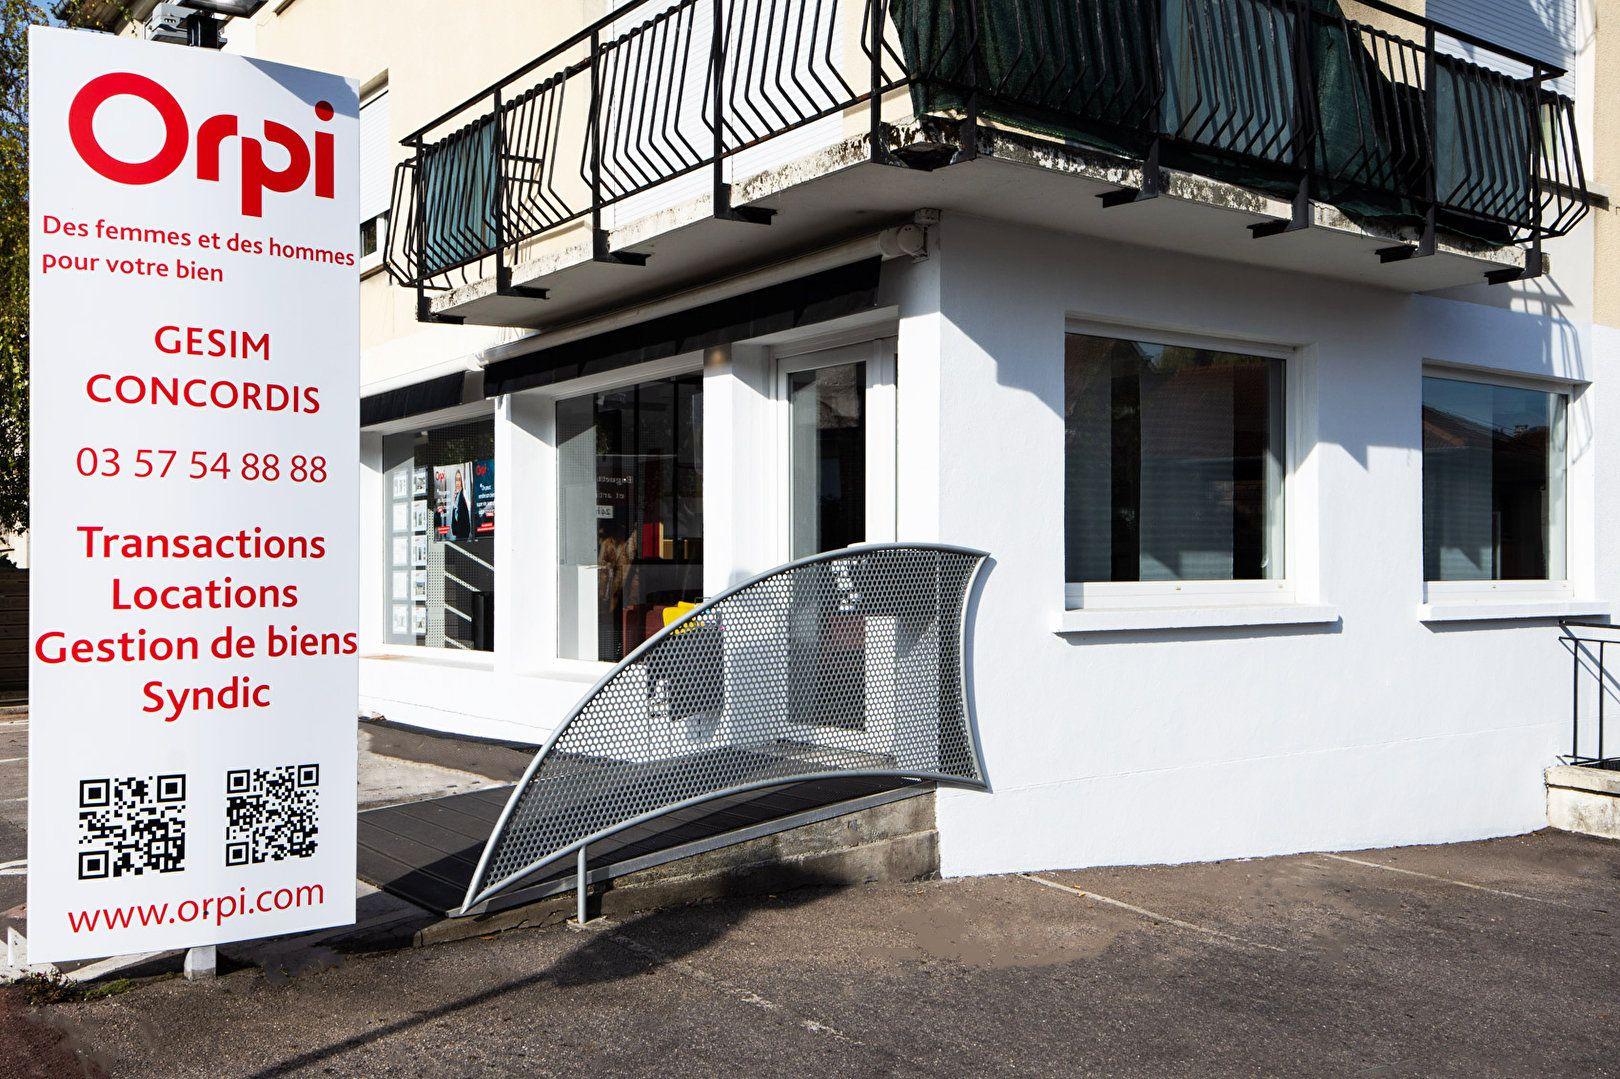 Maison nancy 330 m t 9 vendre 699 000 orpi for Agence immobiliere 259 avenue de boufflers nancy